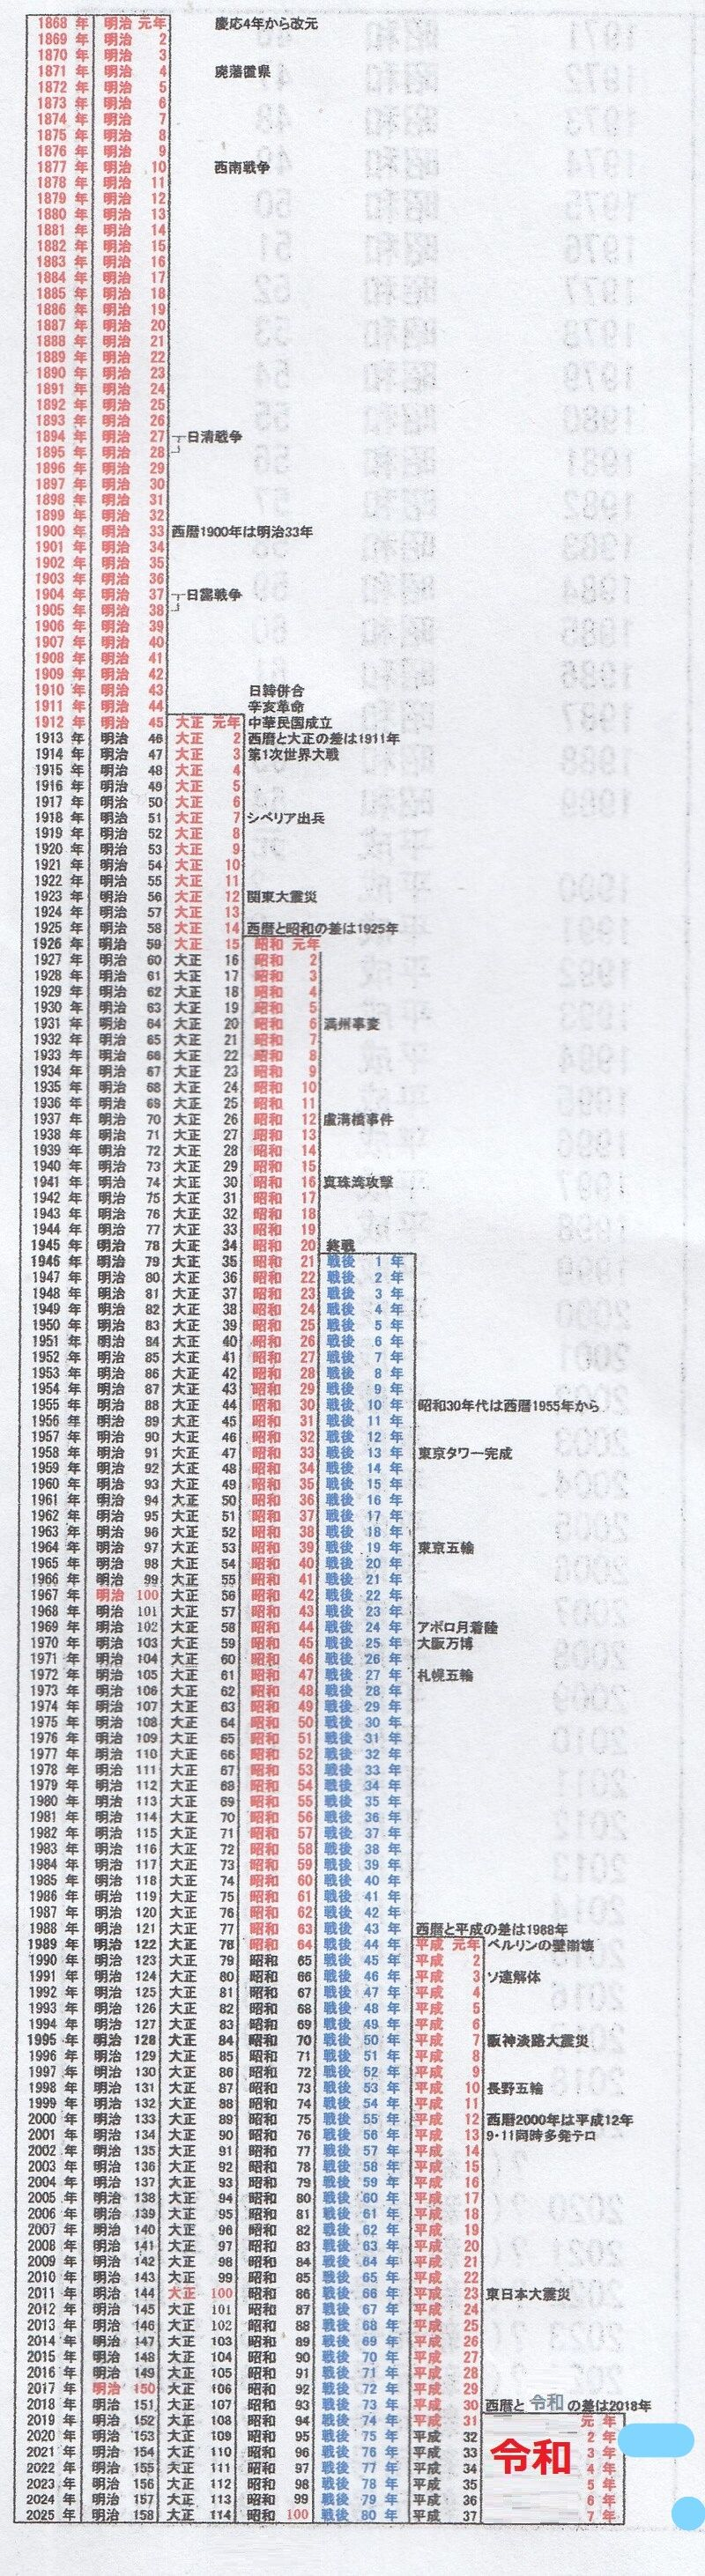 10 西暦 年 和 令